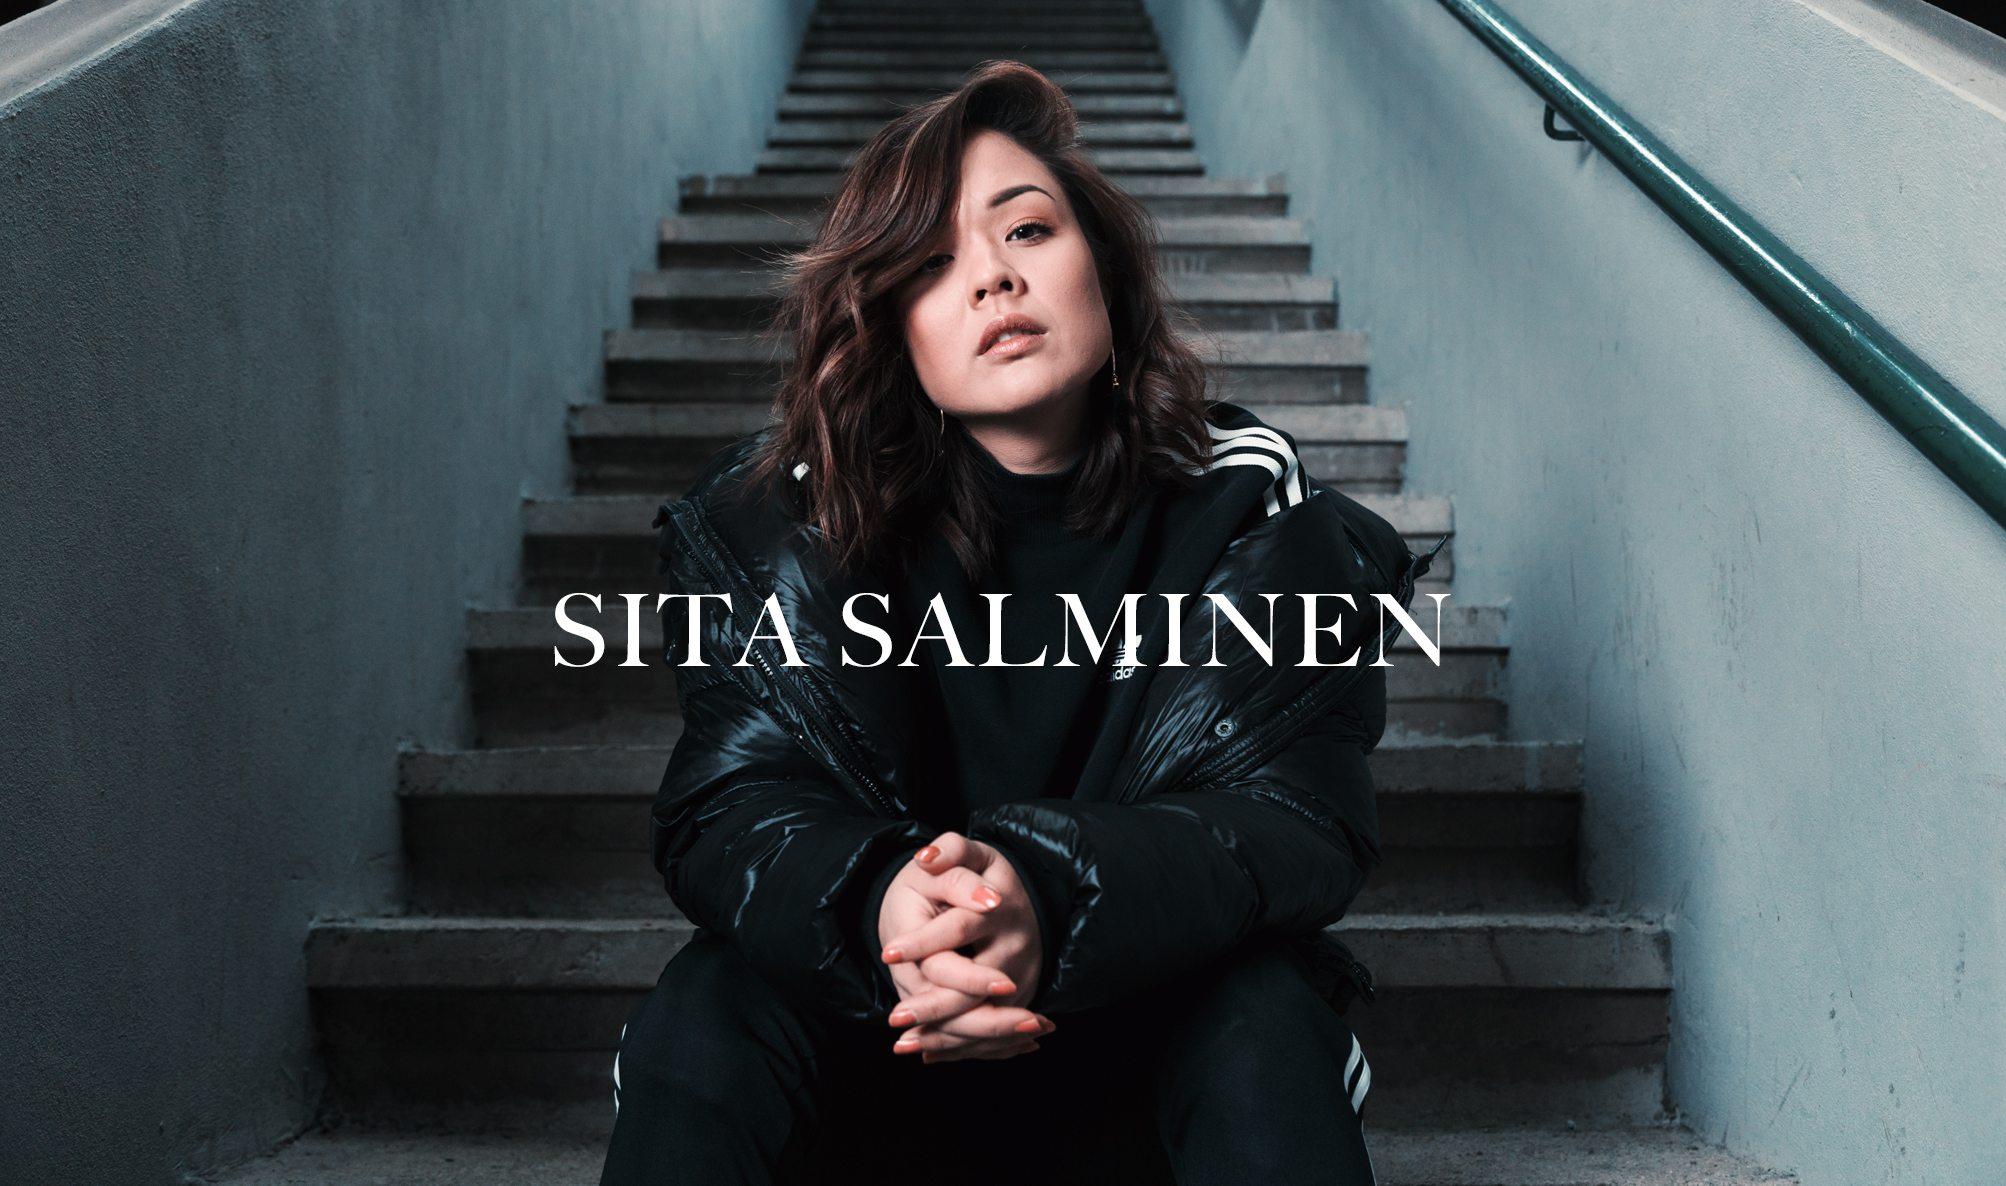 Sita Salminen